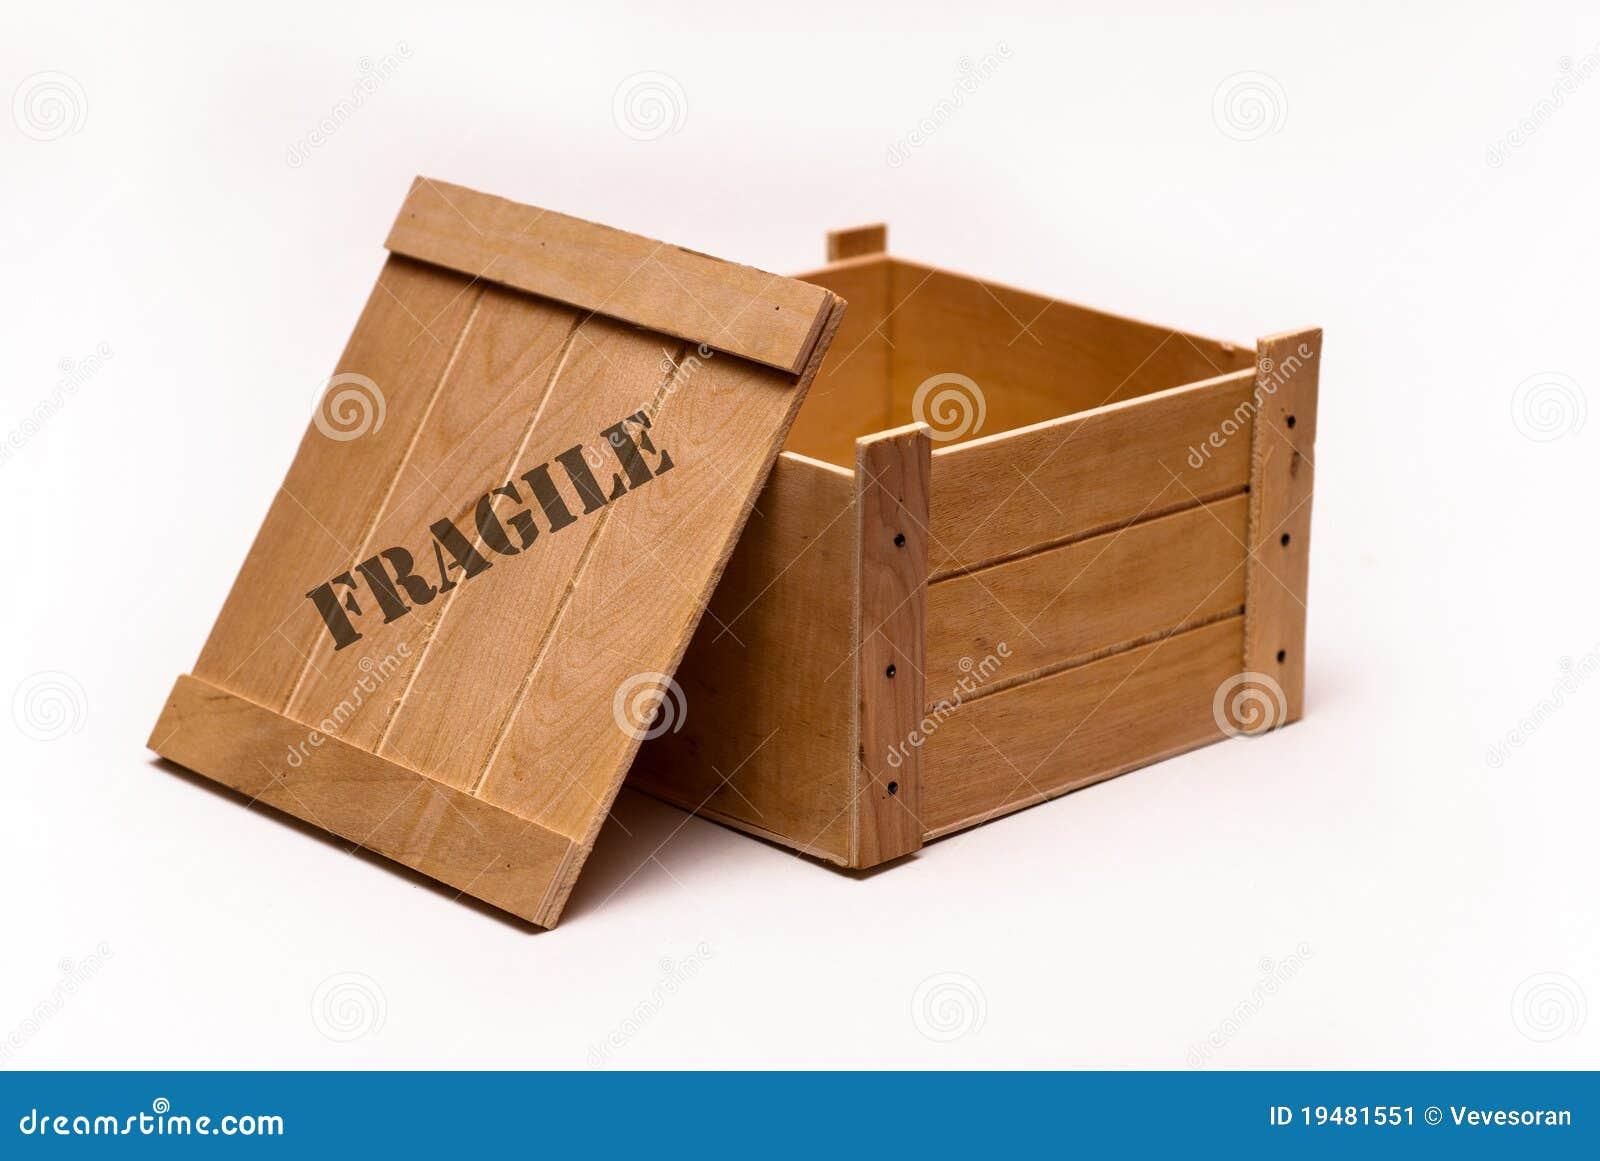 #3C1B08 Abra A Caixa De Madeira Imagem de Stock Imagem: 19481551 1300x960 px caixa de madeira m @ bernauer.info Móveis Antigos Novos E Usados Online